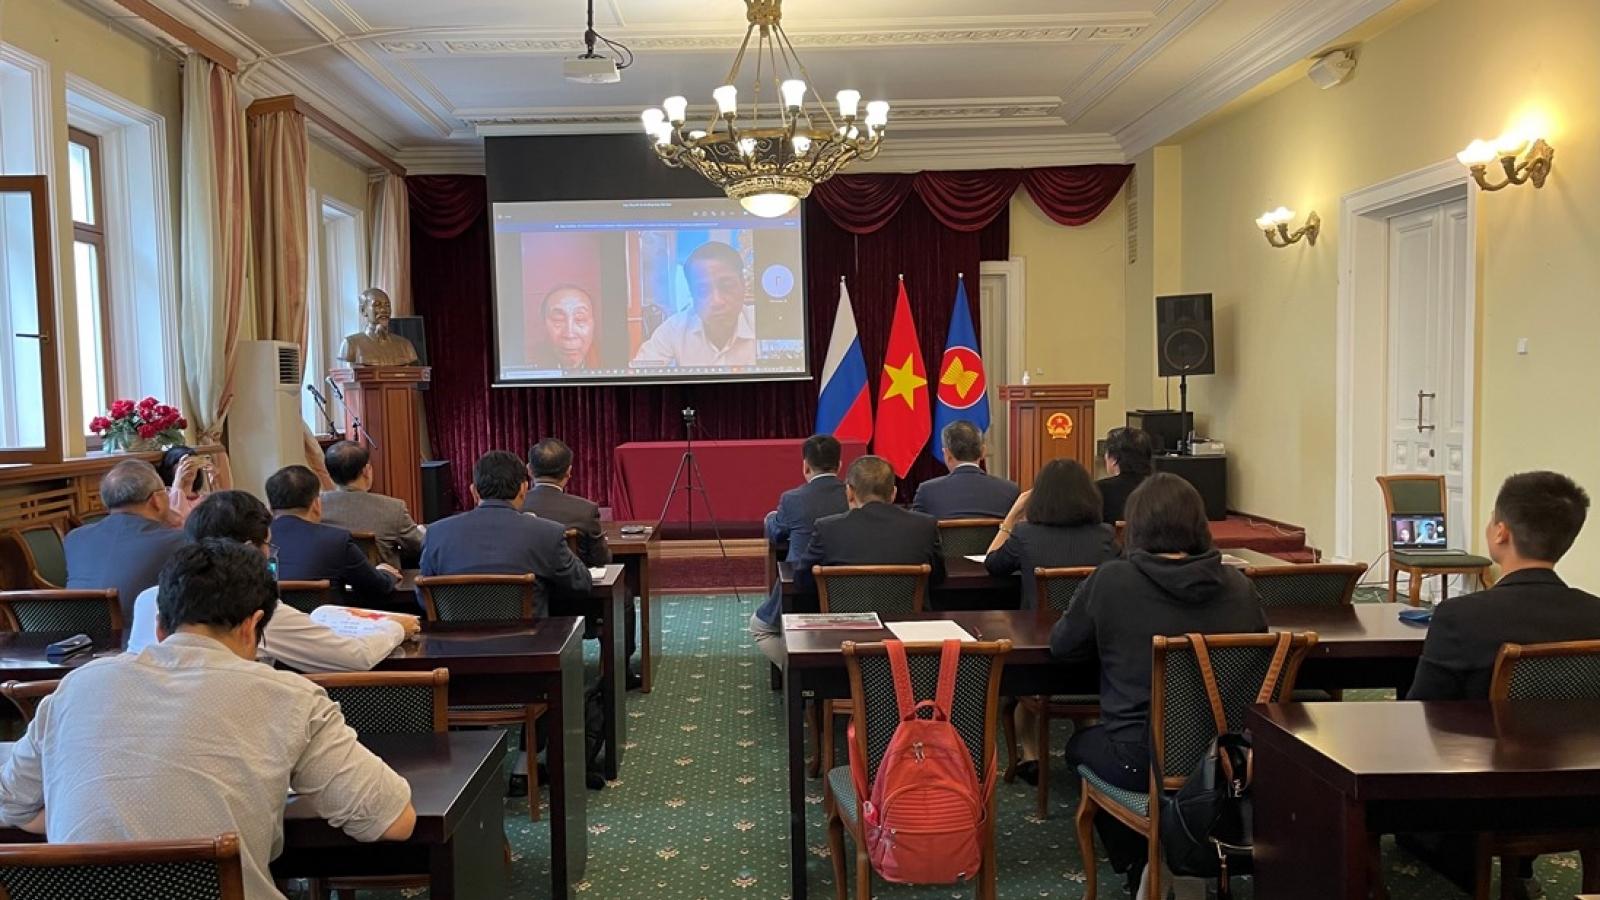 Cộng đồng người Việt tại Nga quyên góp được hơn 10 triệu rúp hỗ trợ trong nước chống dịch